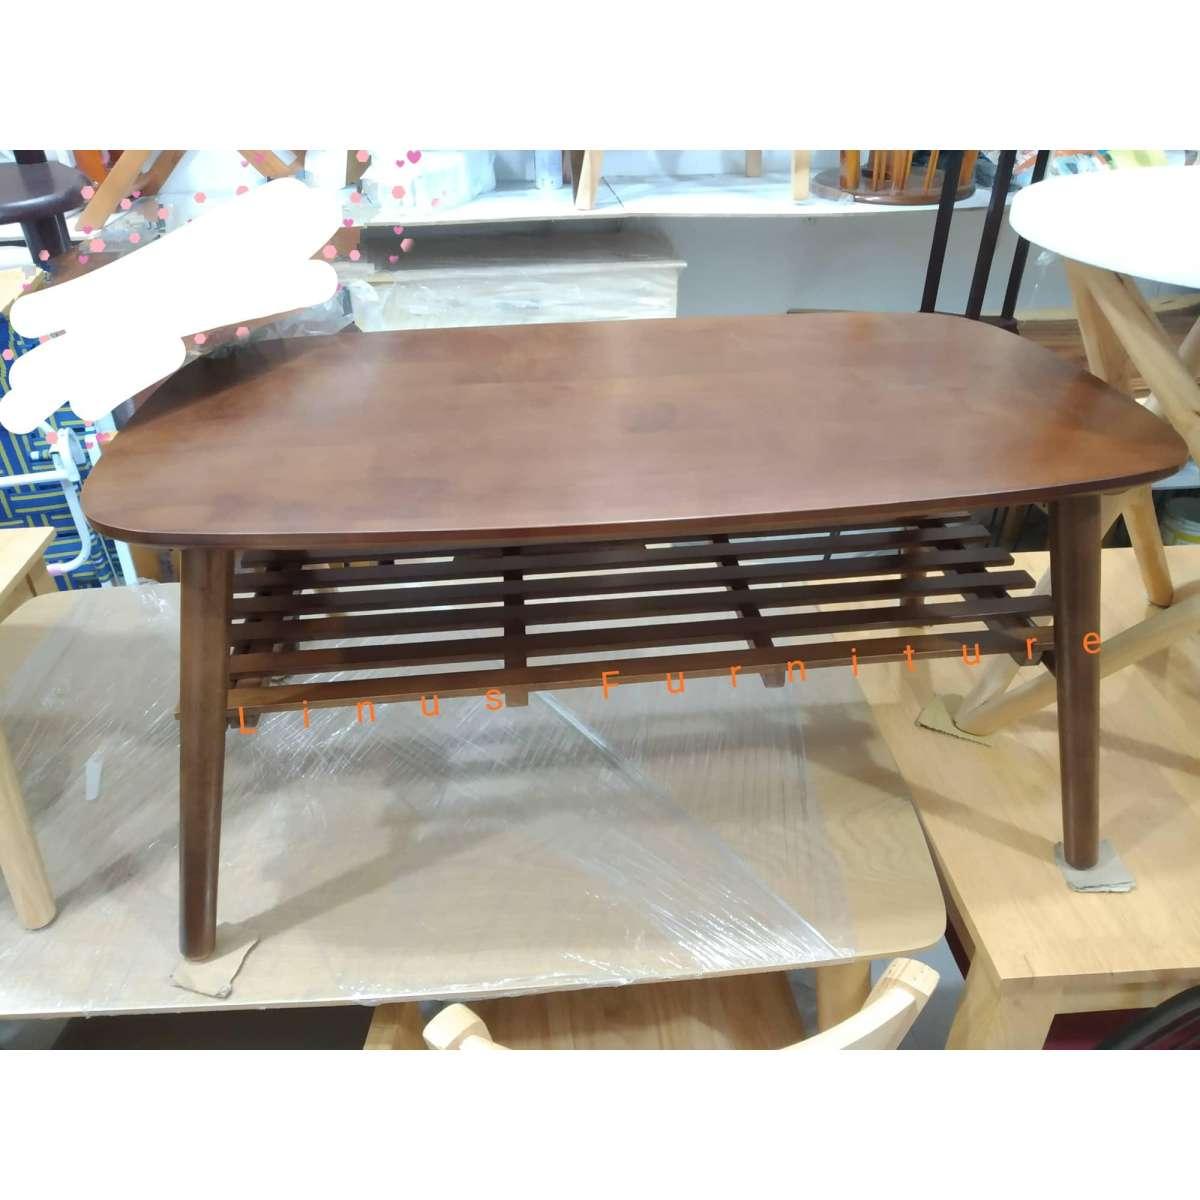 Bàn sofa 2 tầng chân xếp gọn, gỗ tự nhiên kích thước 50x90cm